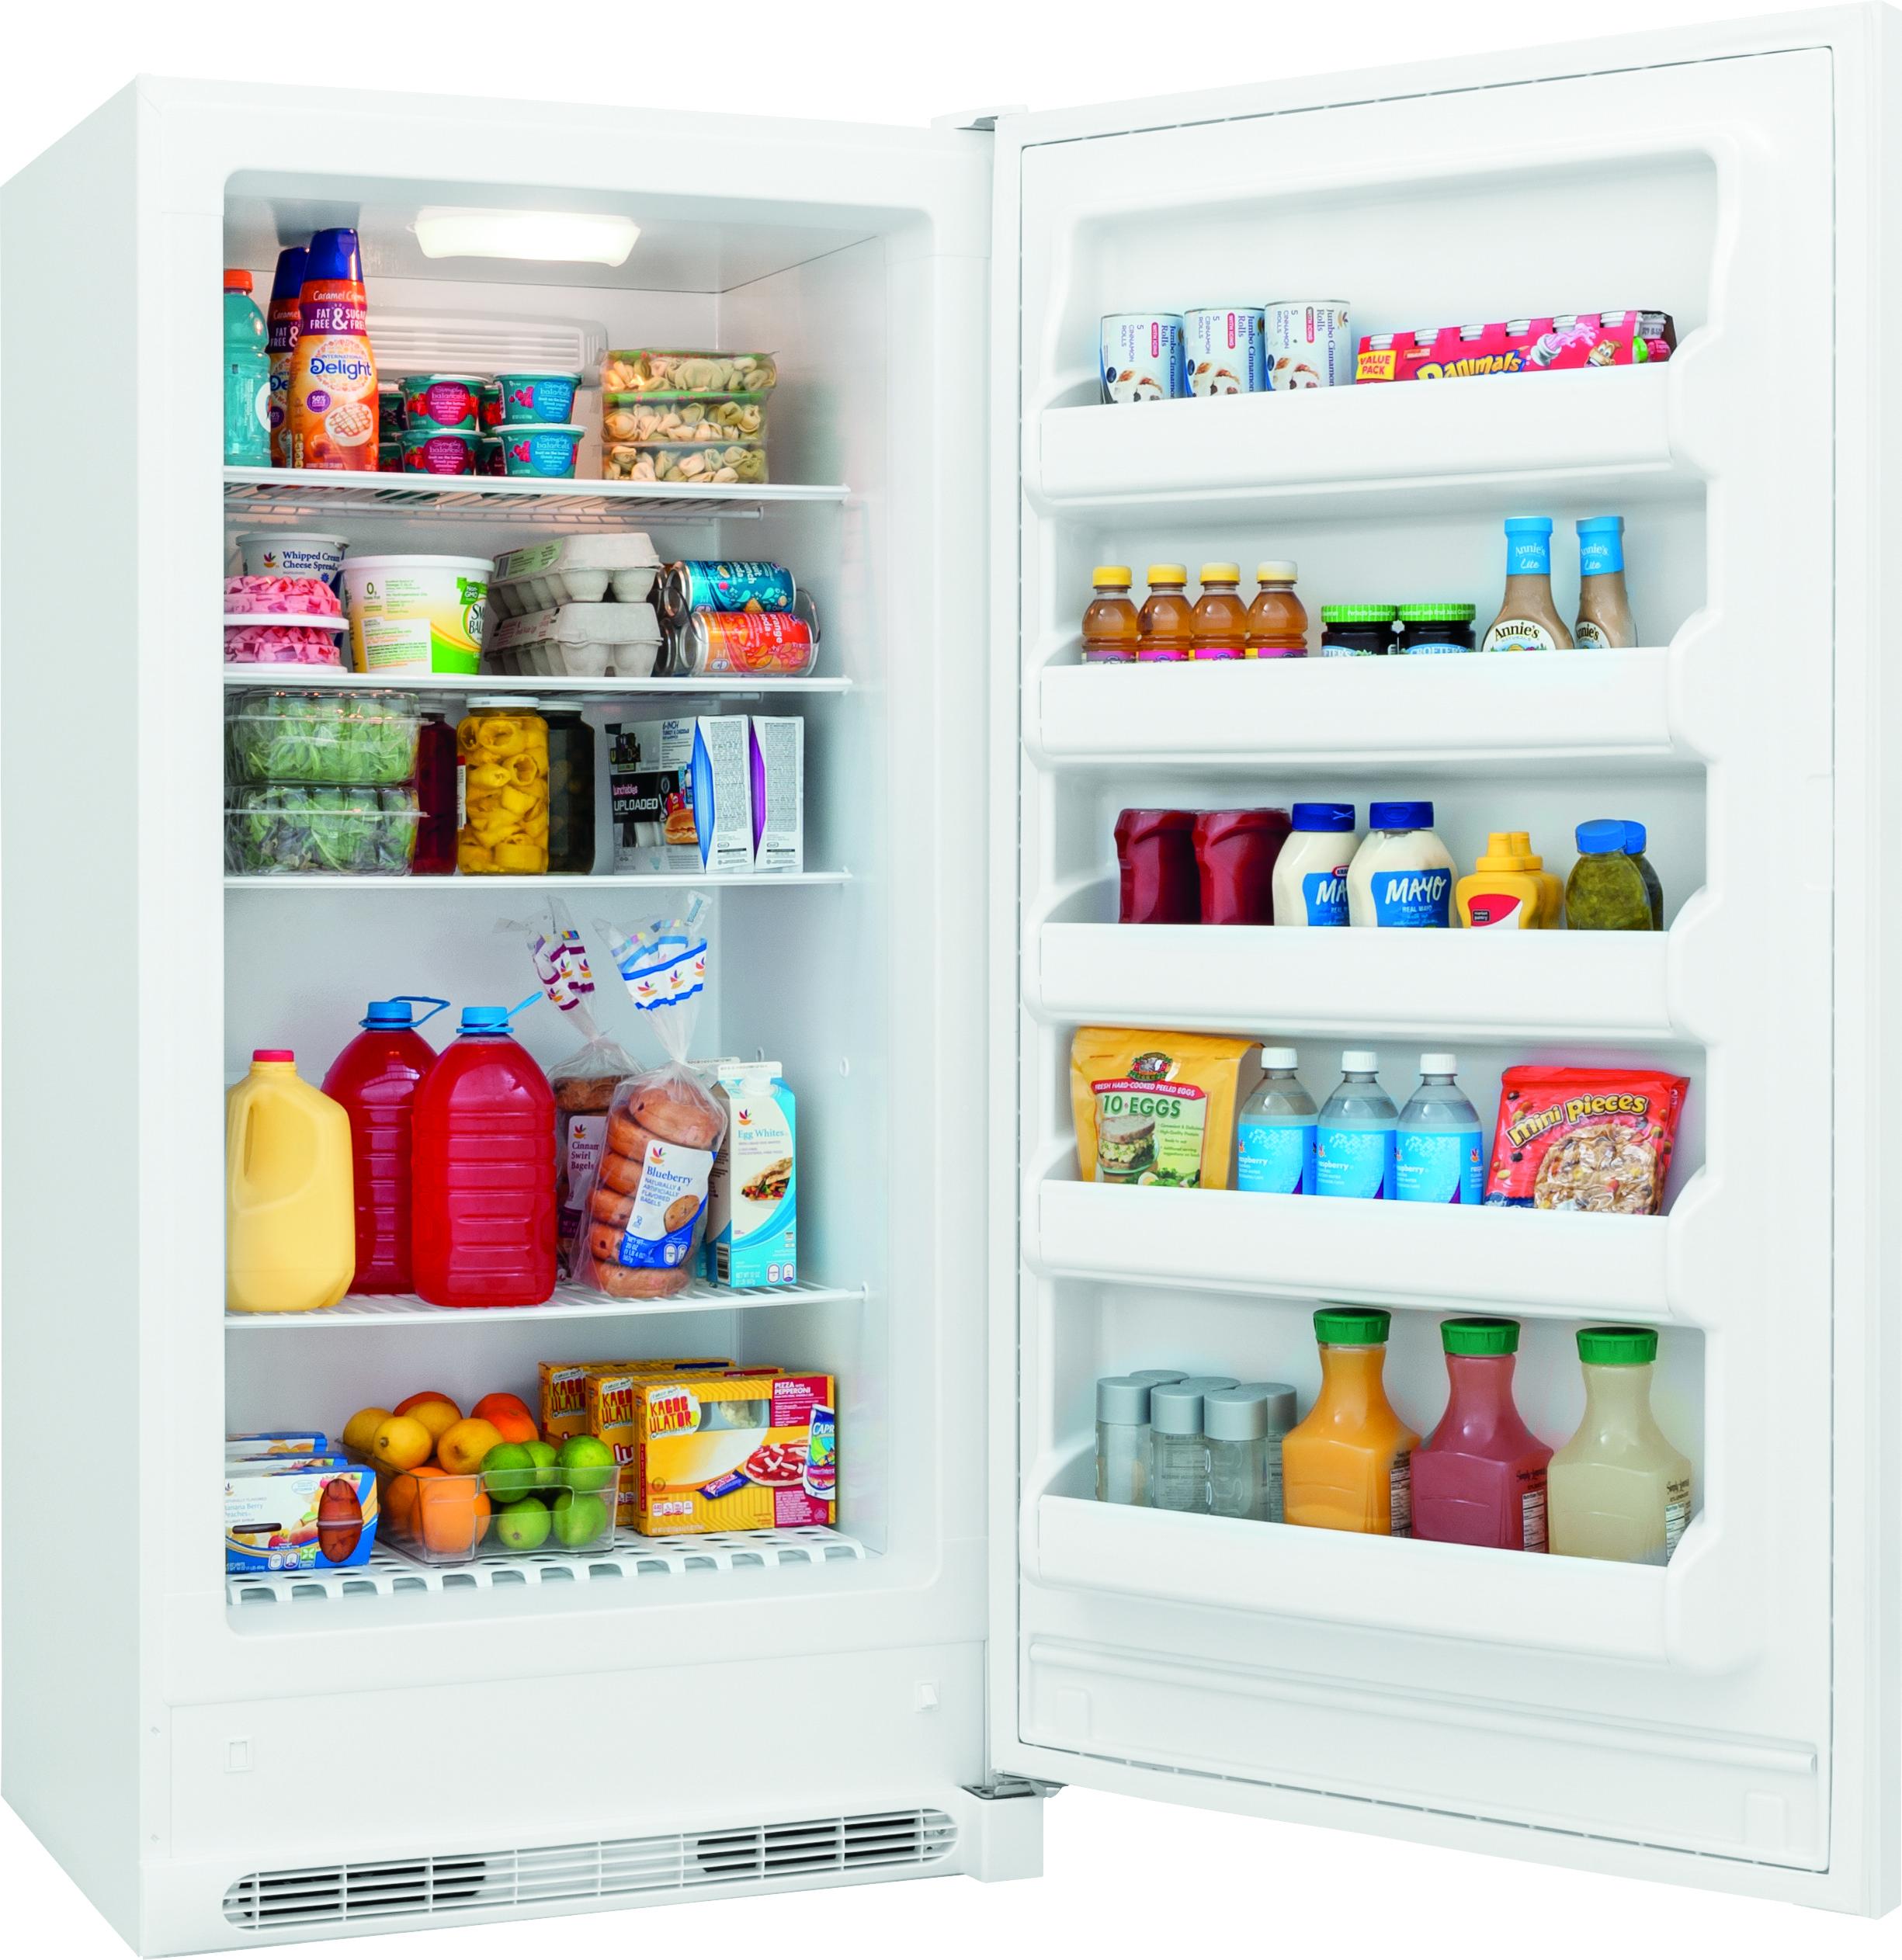 Frigidaire - FFRU17B2QW - 16.6 Cu. Ft. All Refrigerator | Western ...